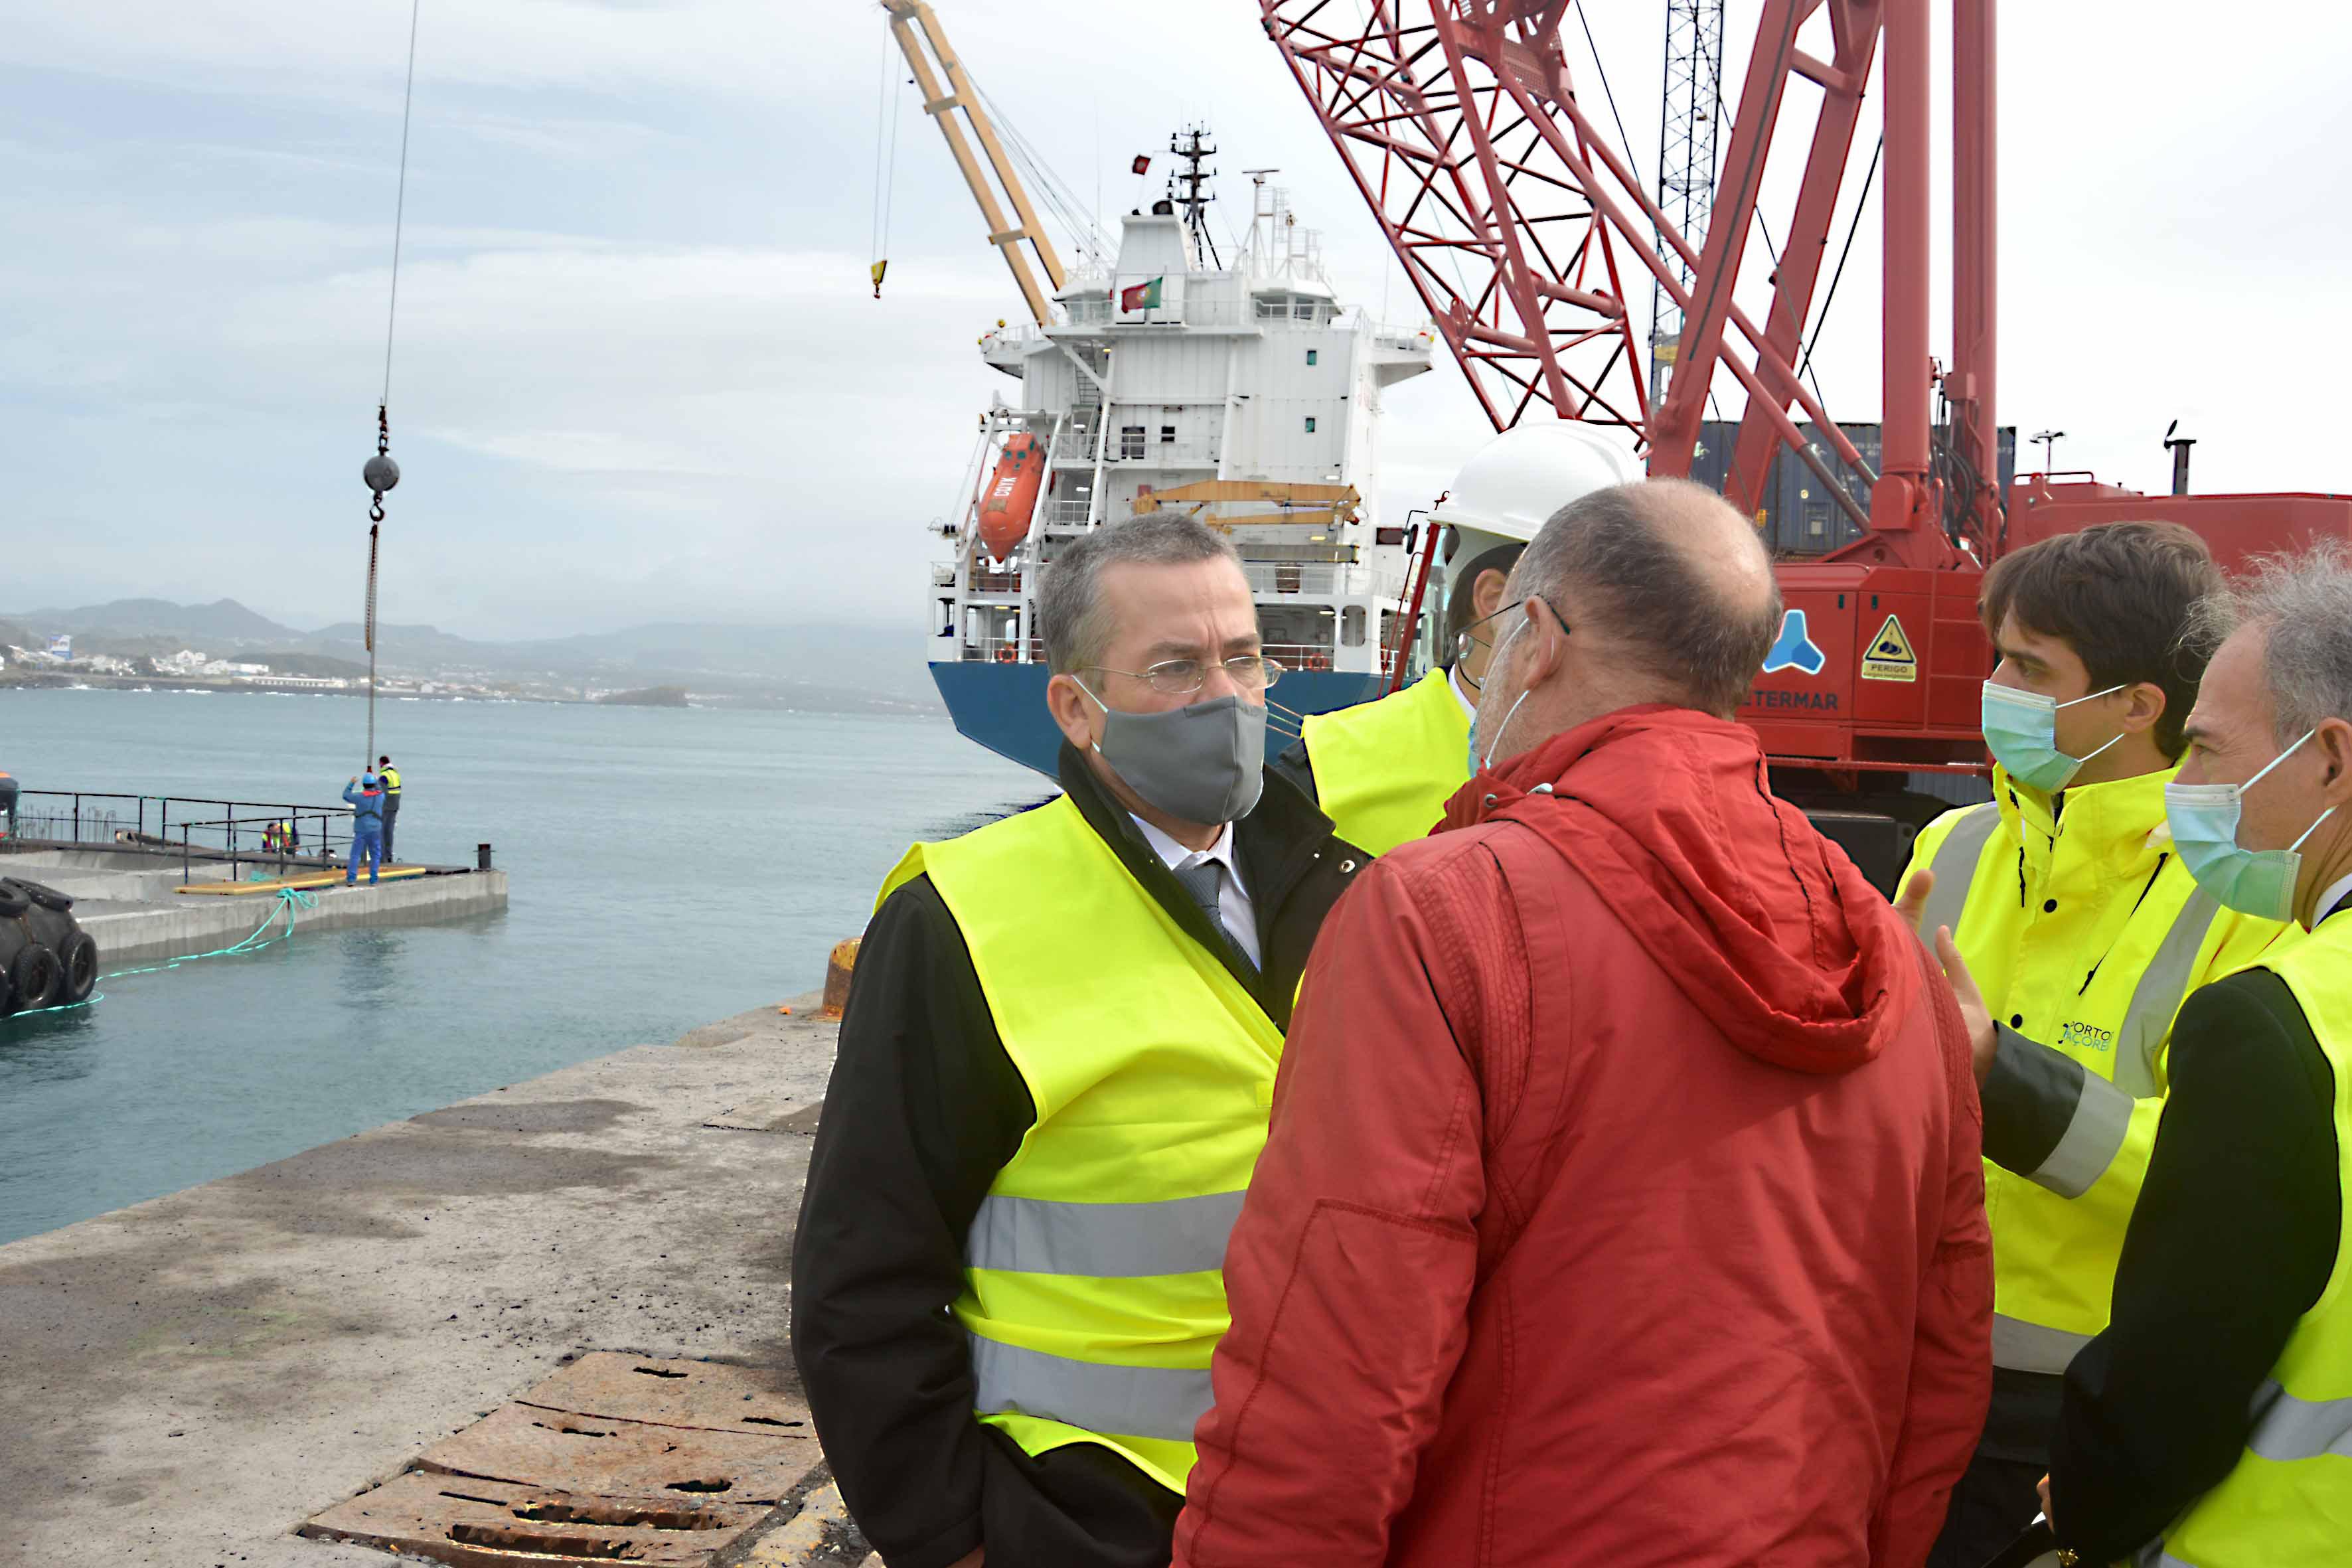 Encontro com a Administração da OPERPDL- Sociedade de Operações Portuárias de Ponta Delgada, Lda